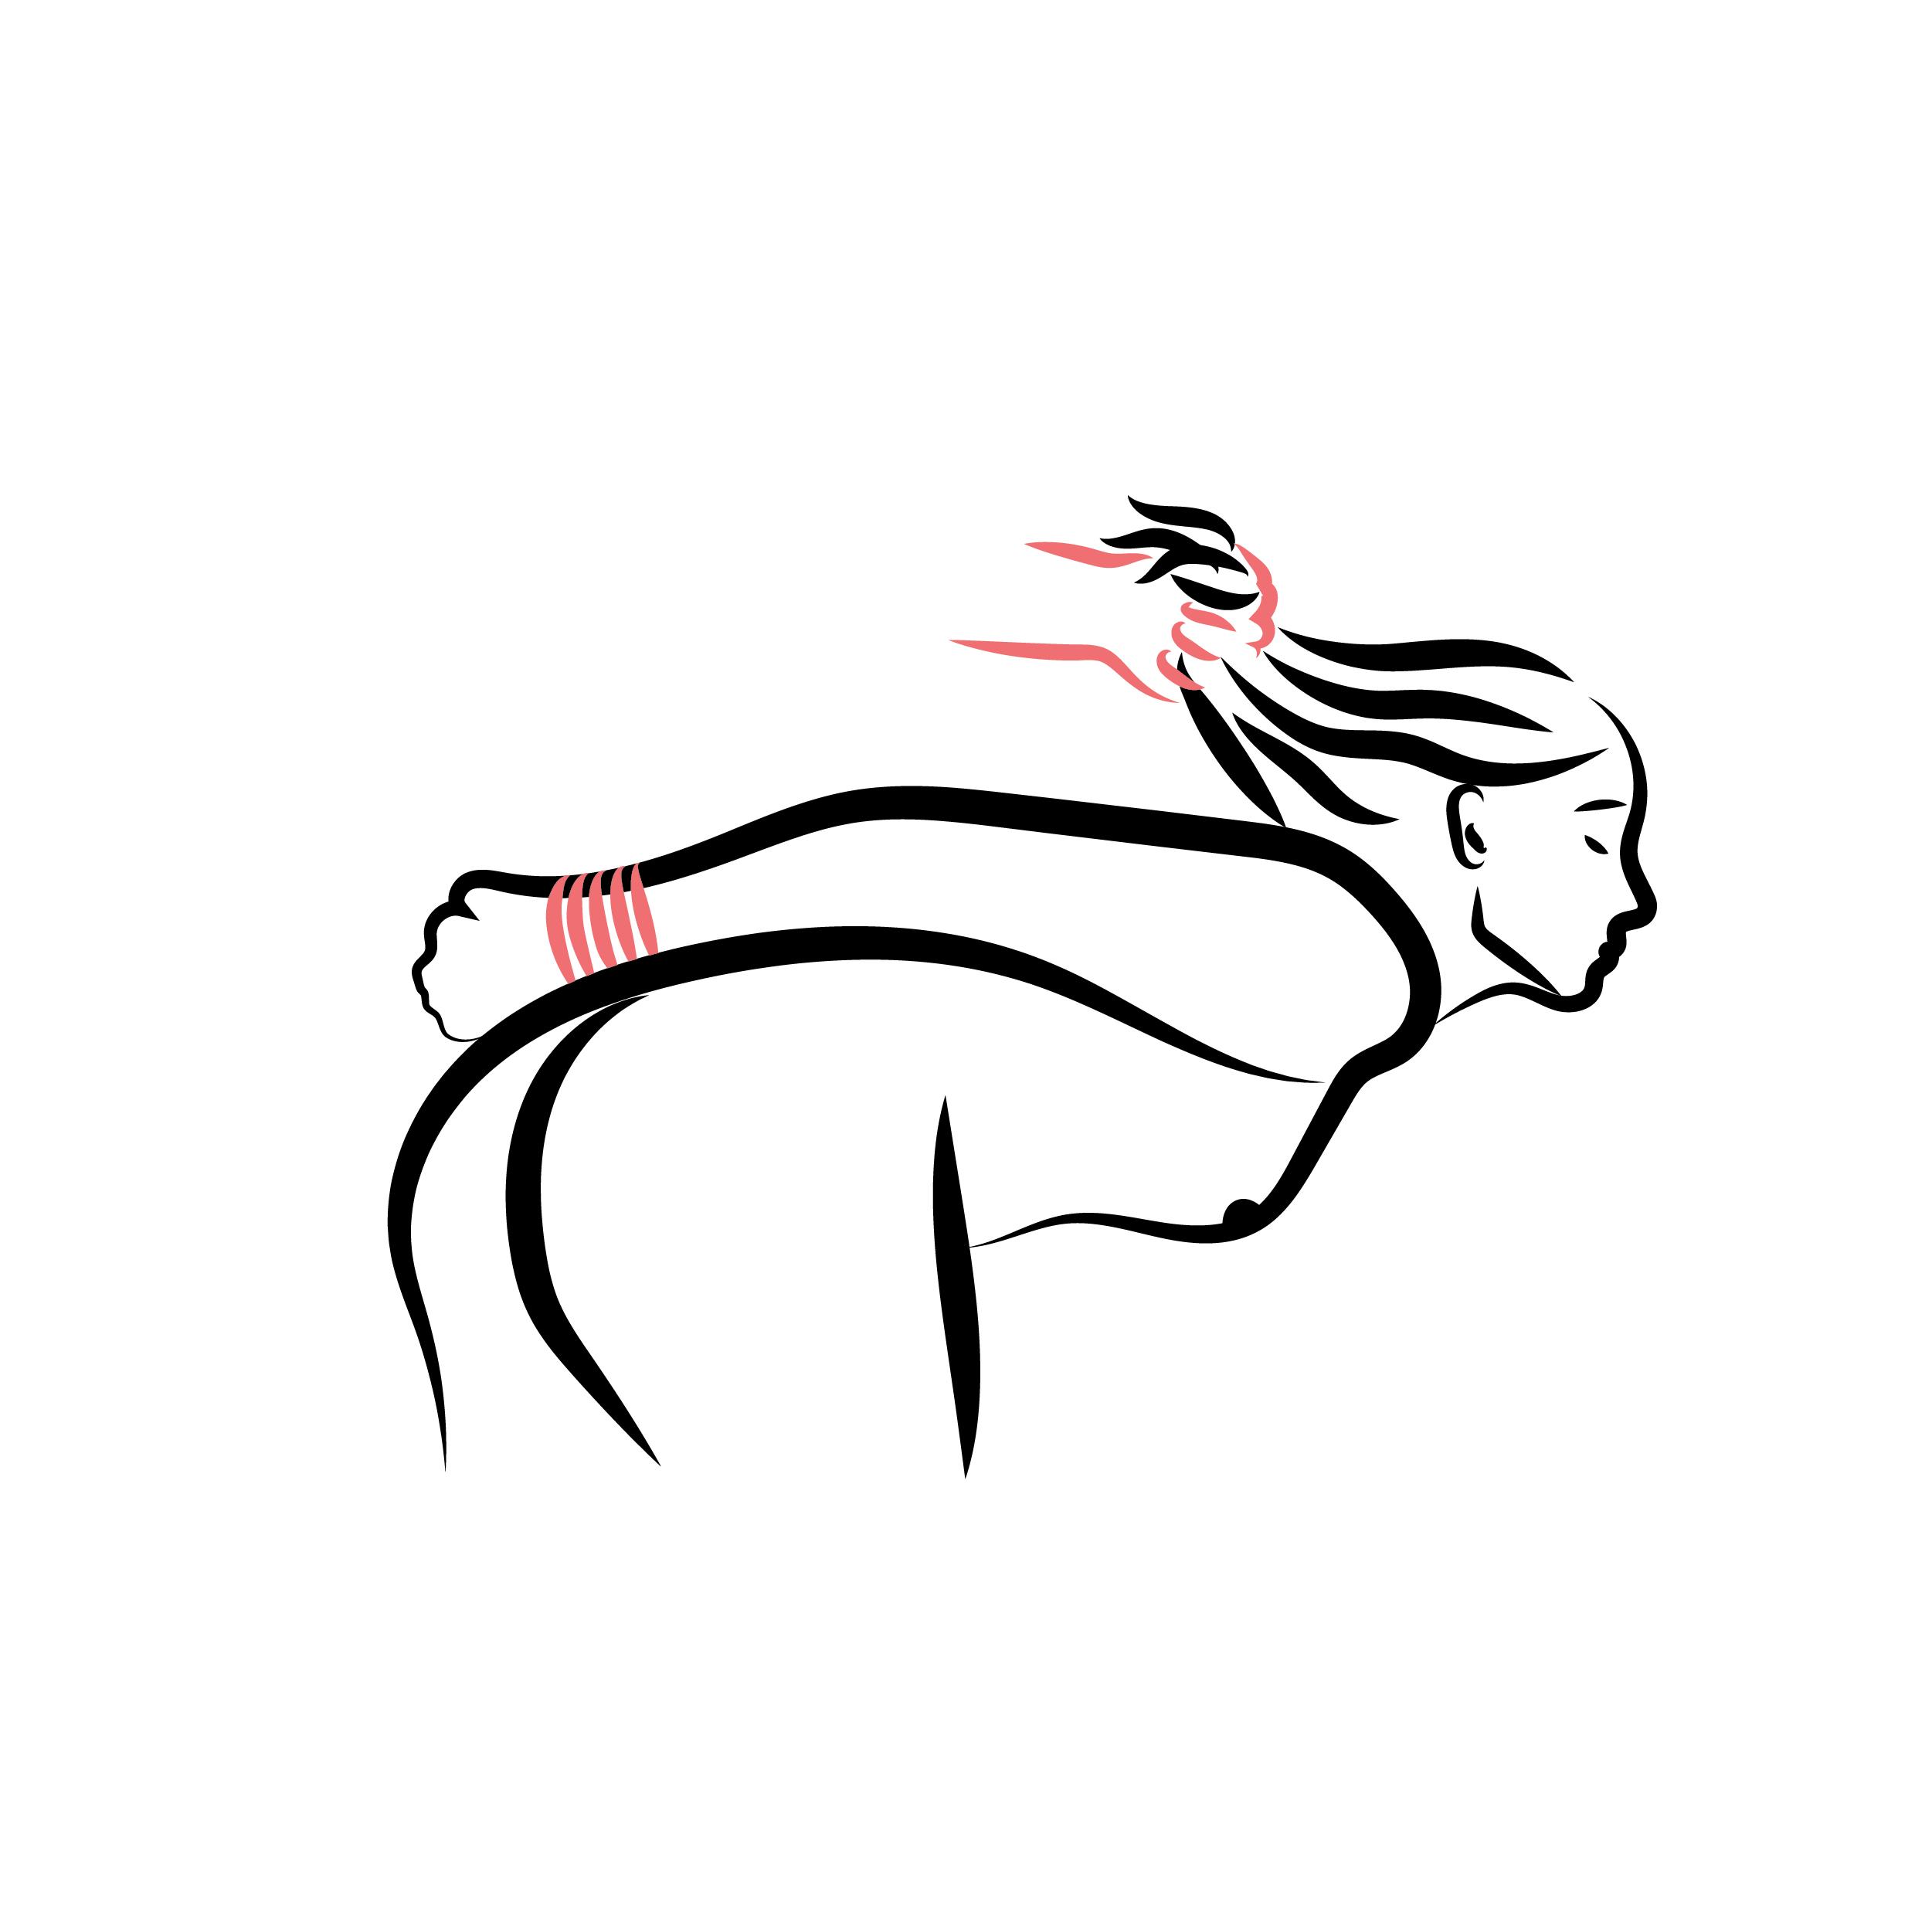 femme bondage shibari cordes rouges illustration